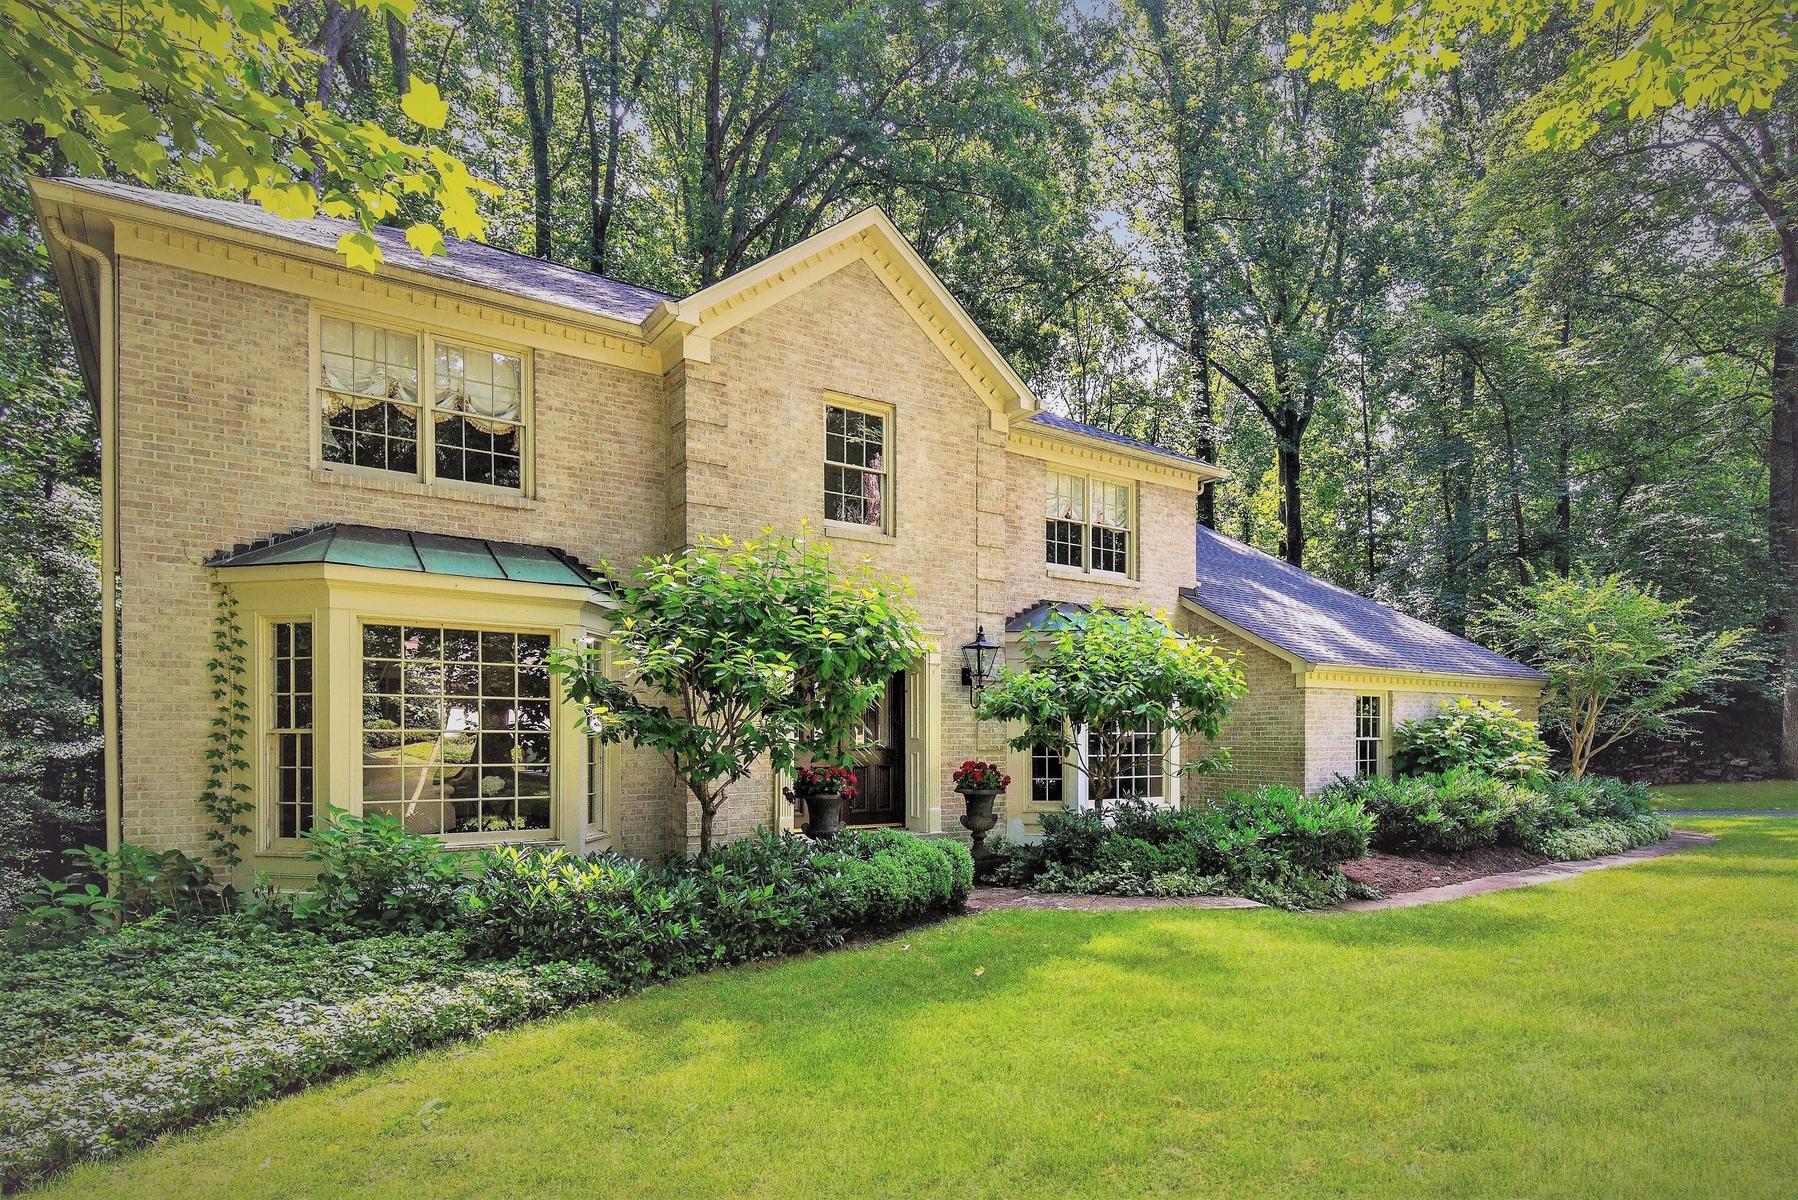 一戸建て のために 売買 アット Elegantly Appointed Wendover Colonial 10162 Clover Glen Dr Vienna, バージニア 22181 アメリカ合衆国